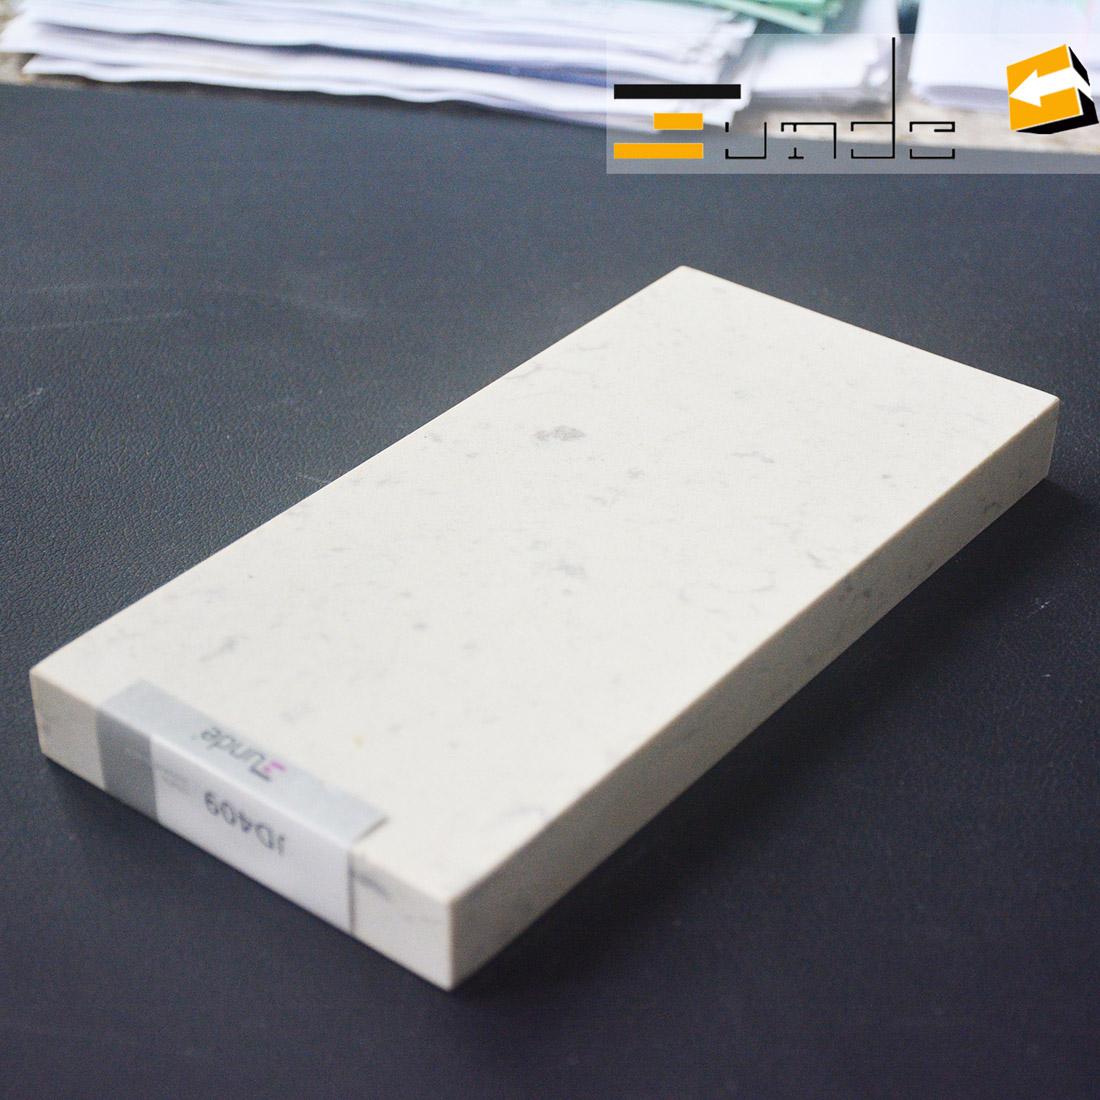 calacatta white quartz stone sample jd409-2